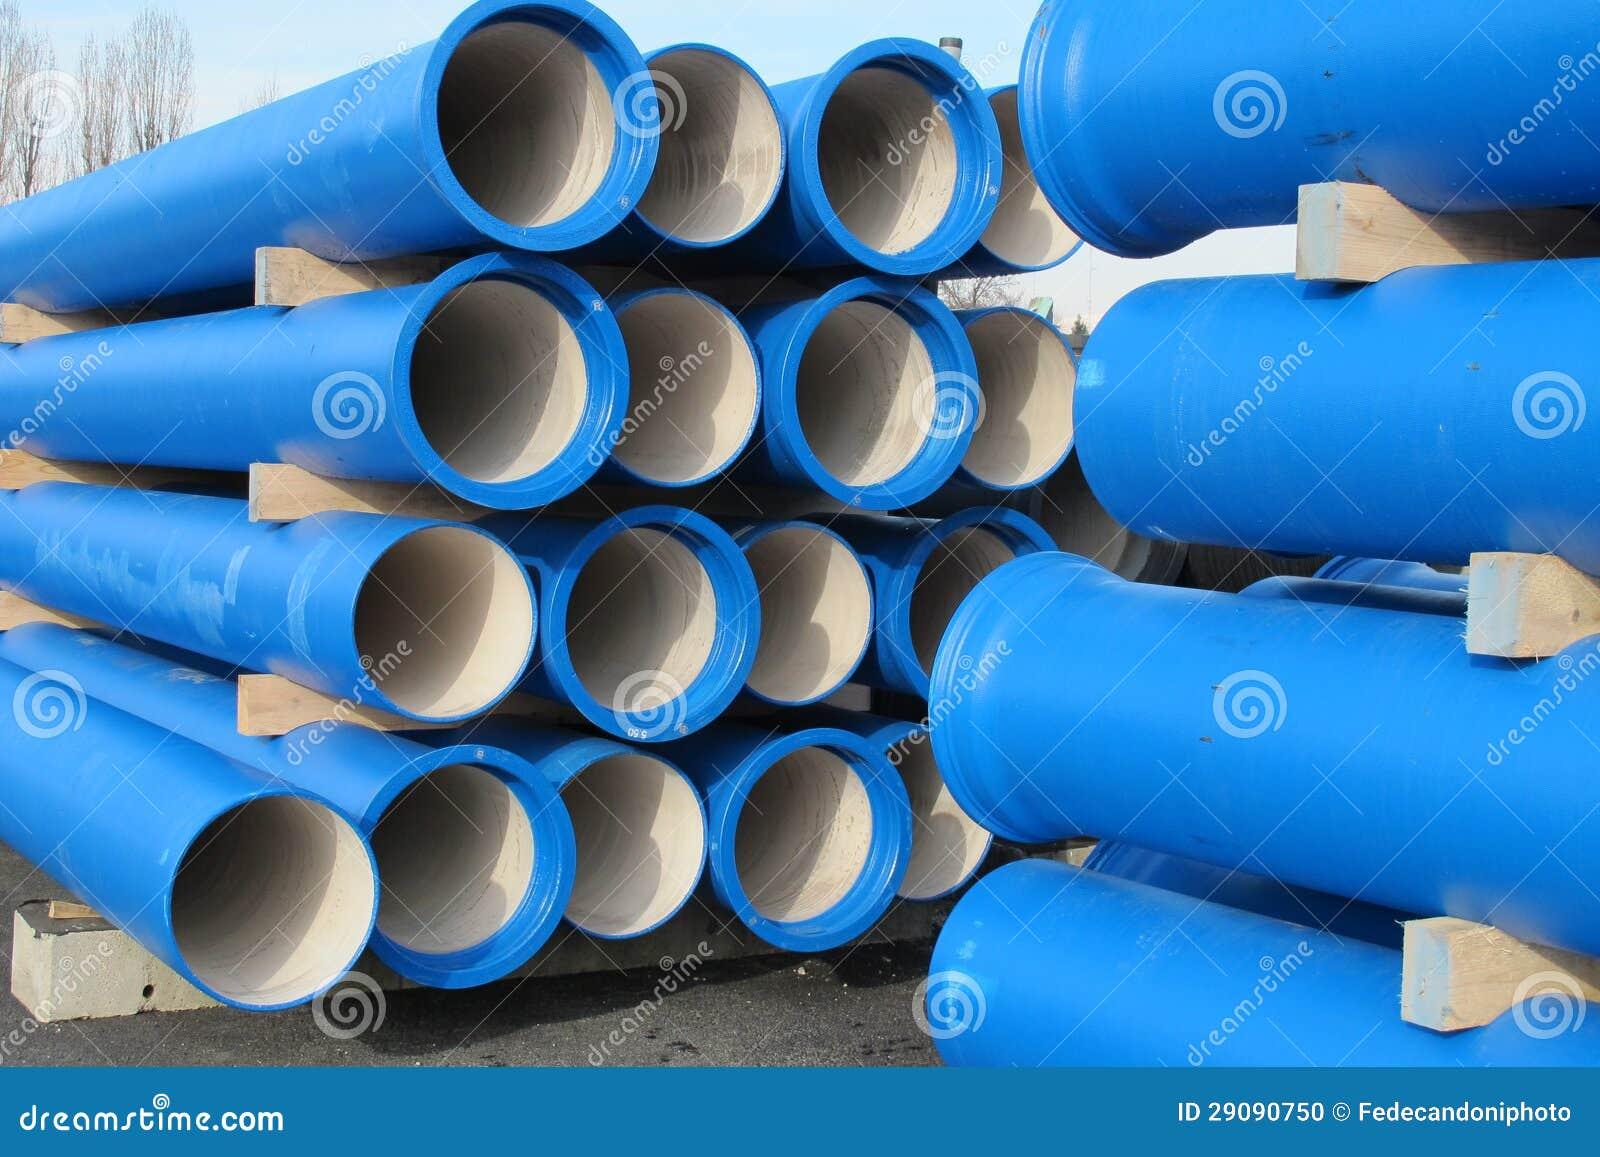 Конкретные трубы для транспортировать воду и канализацию